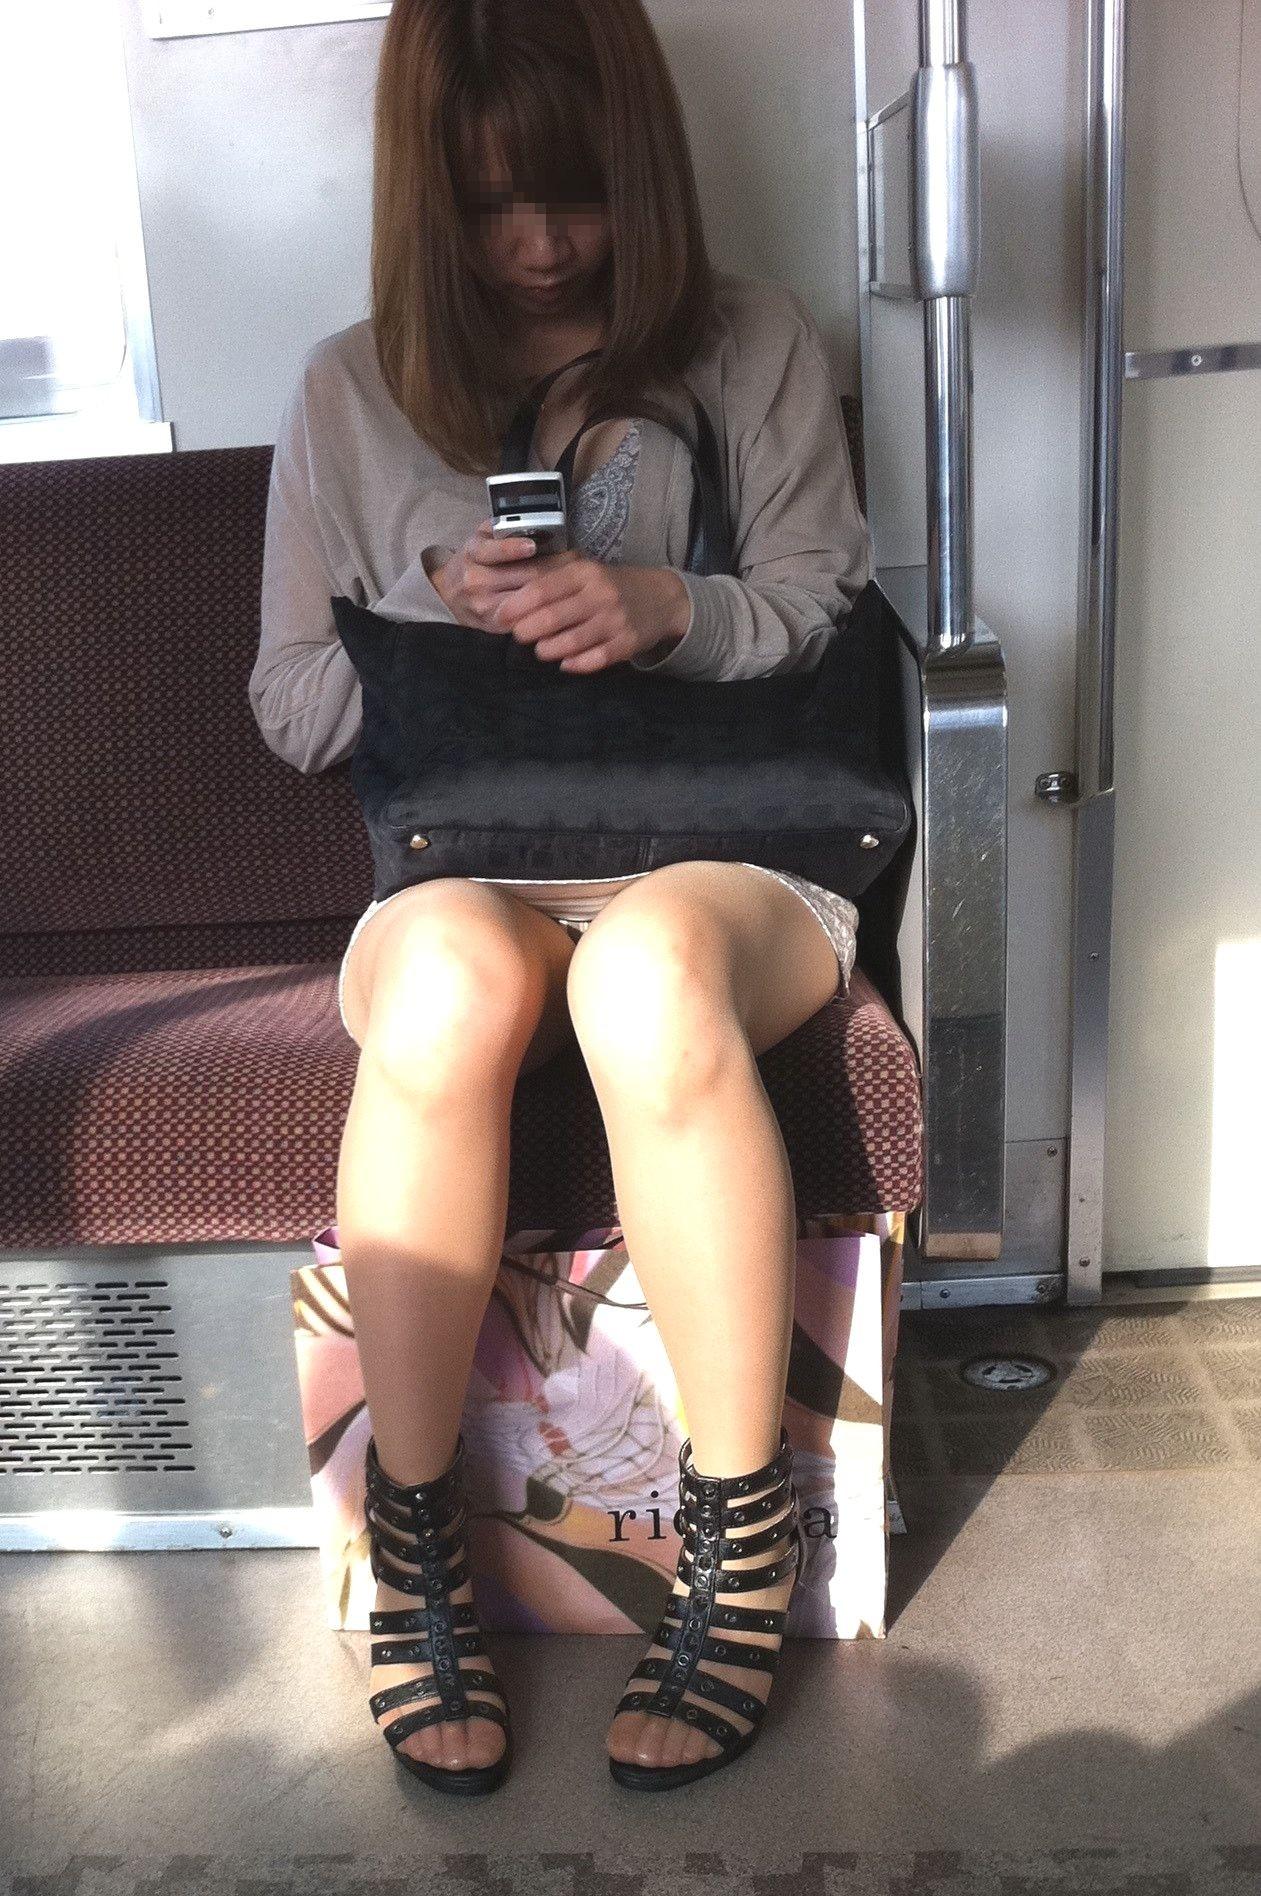 【対面パンチラエロ画像】電車通勤で座れる男達の密かな楽しみwww対面女性のミニスカチラ覗き 04